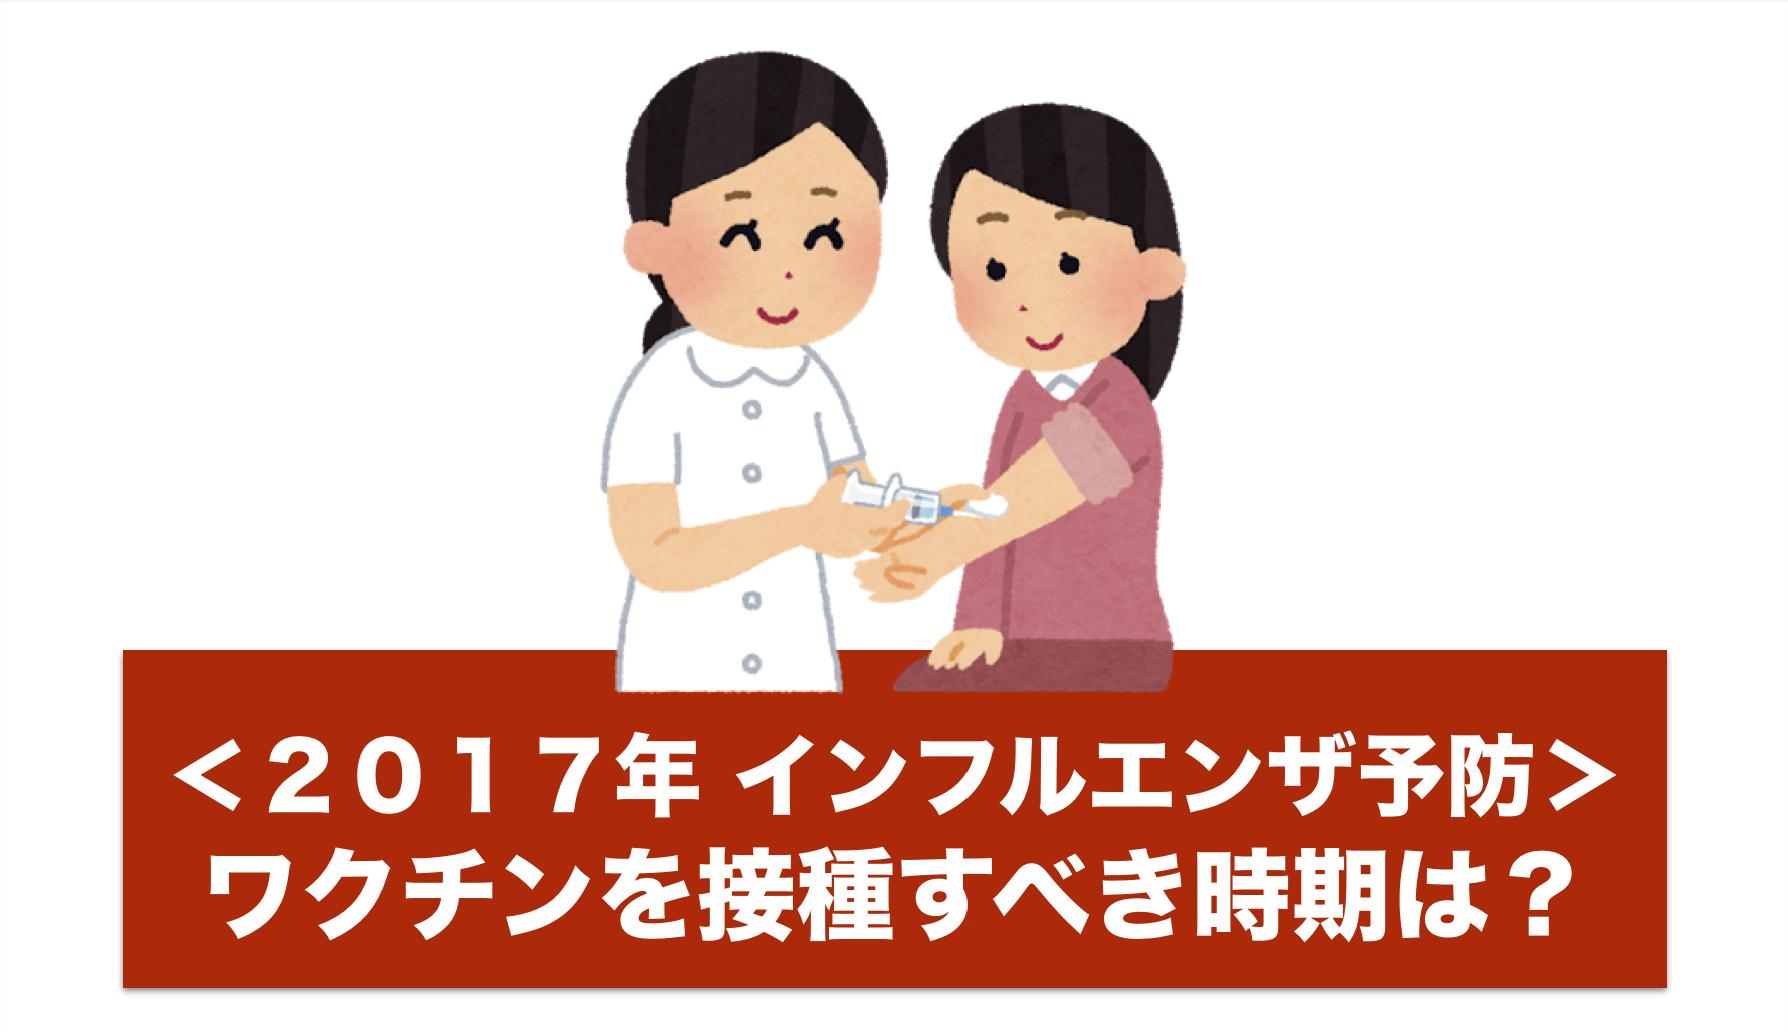 2020年冬のインフルエンザ流行予測!予防接種ワクチンはいつから?